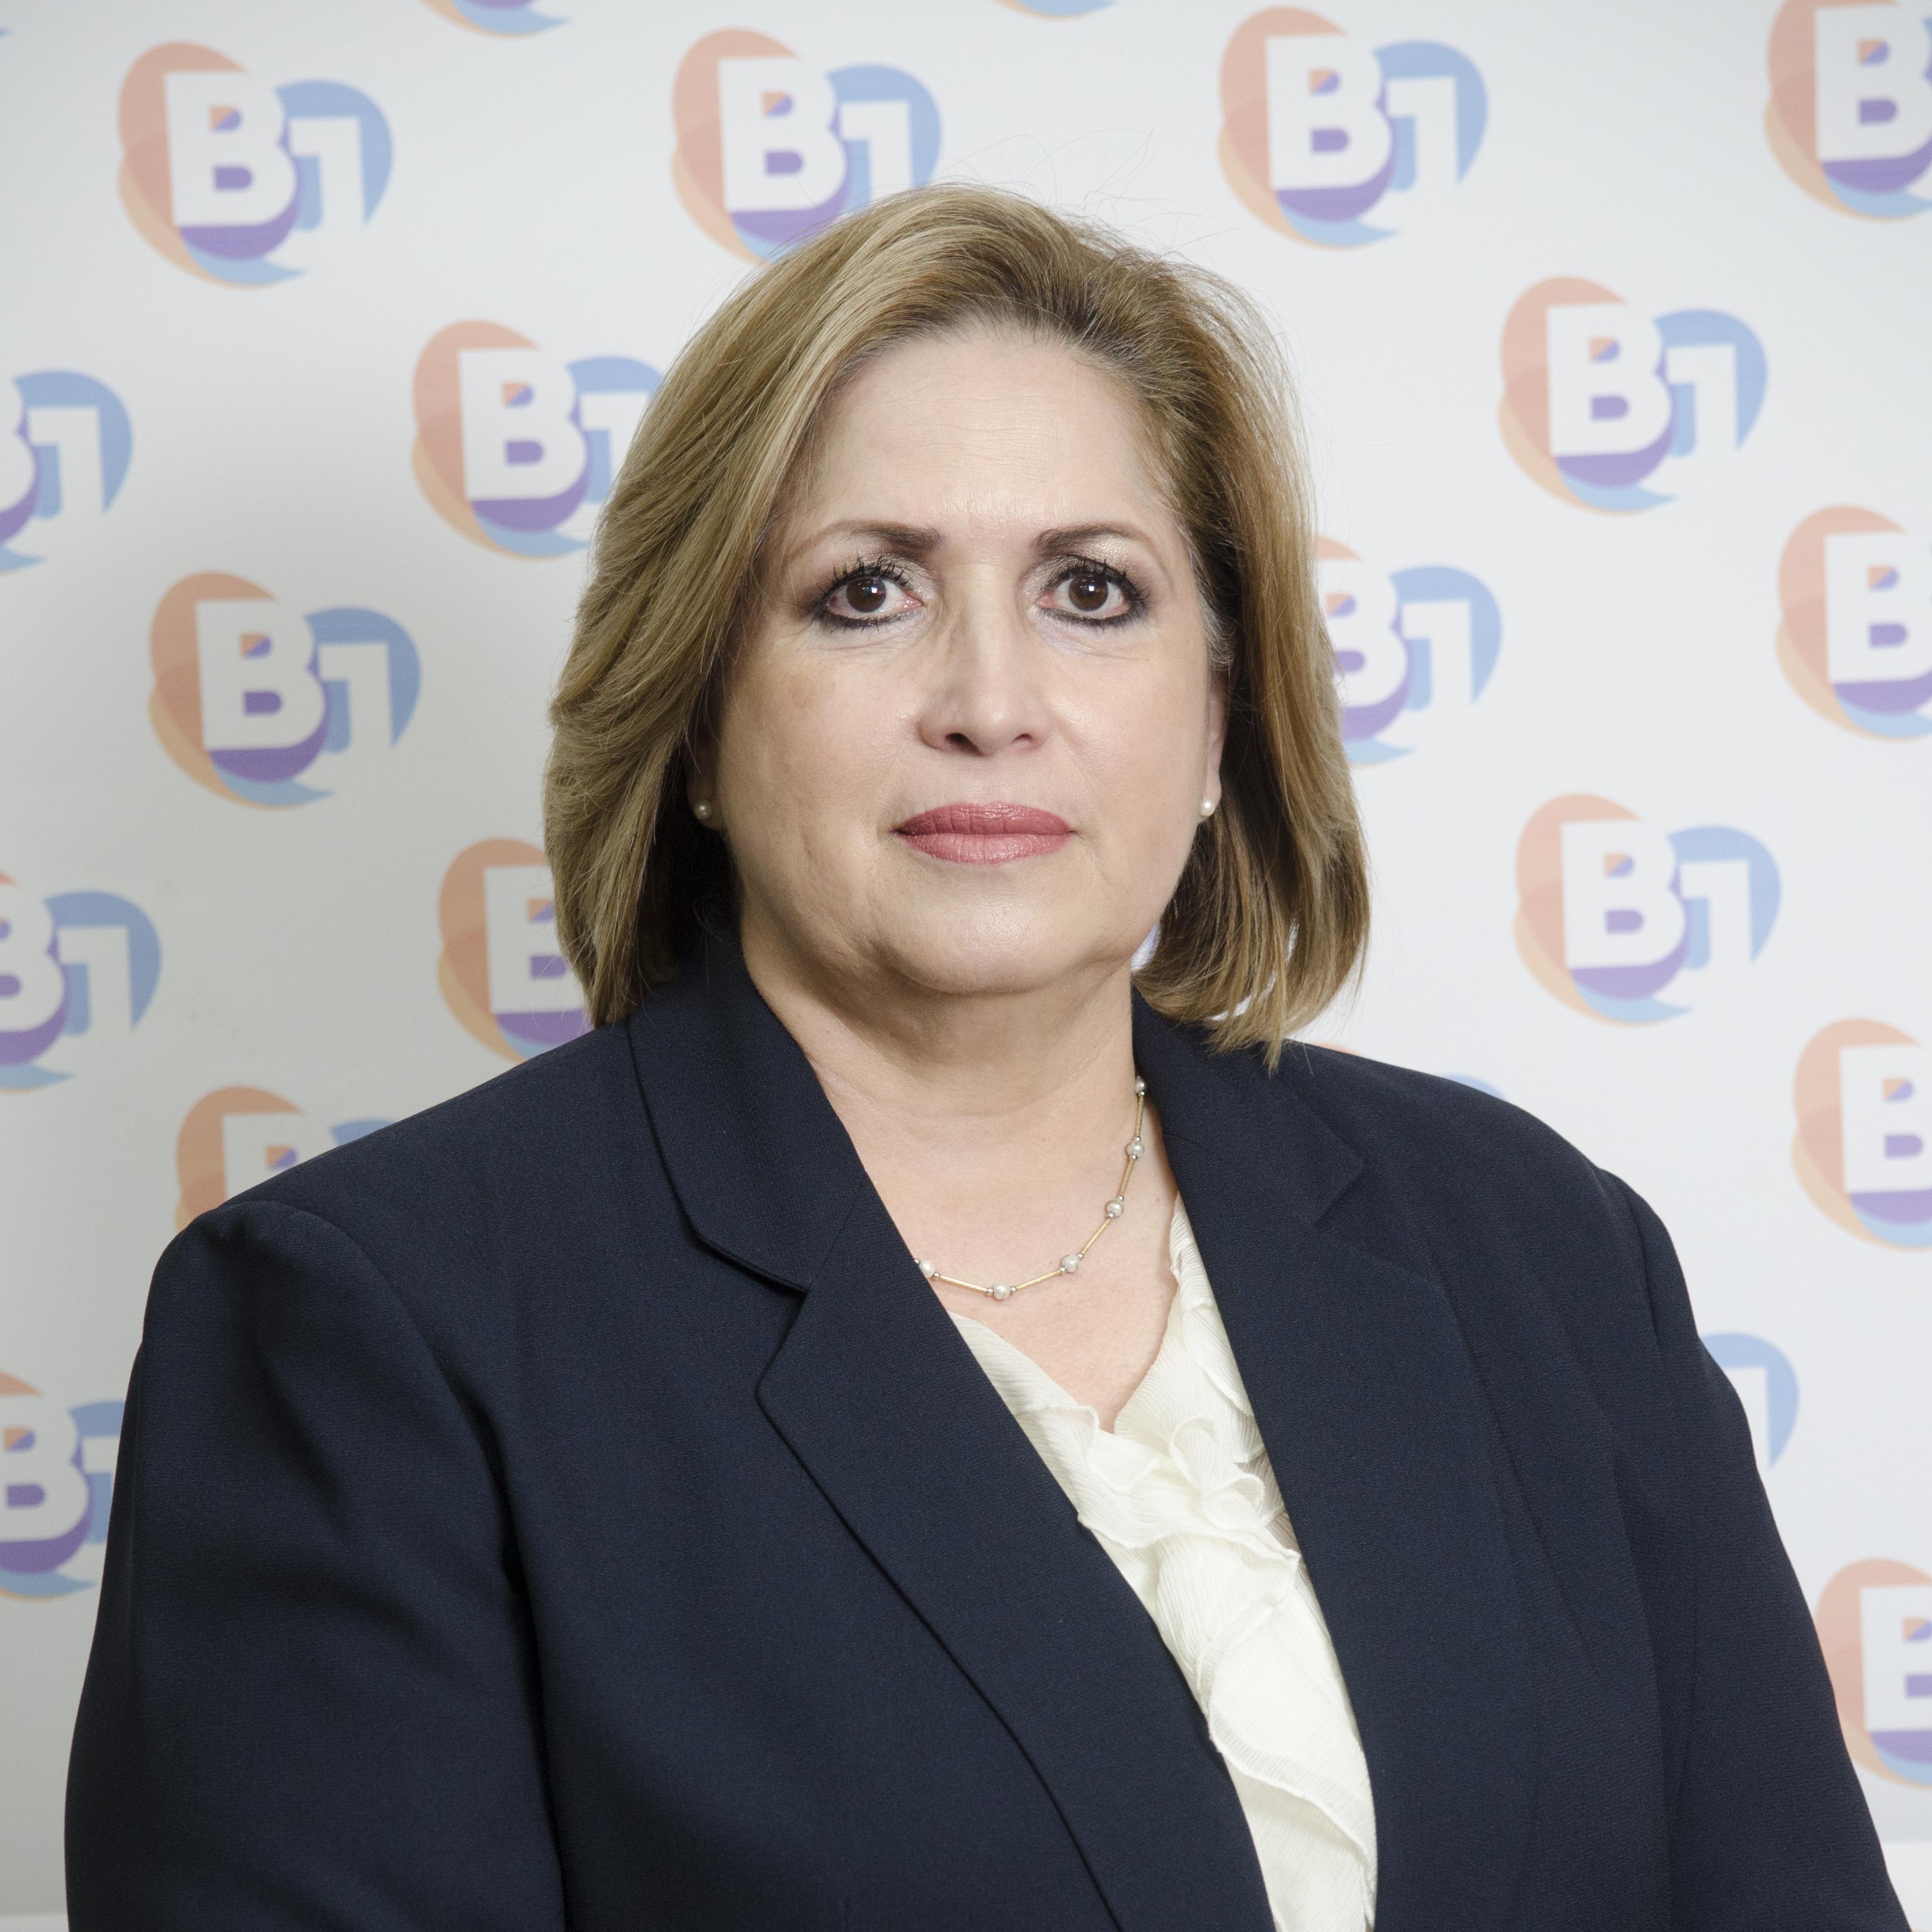 Susana González Lebrija